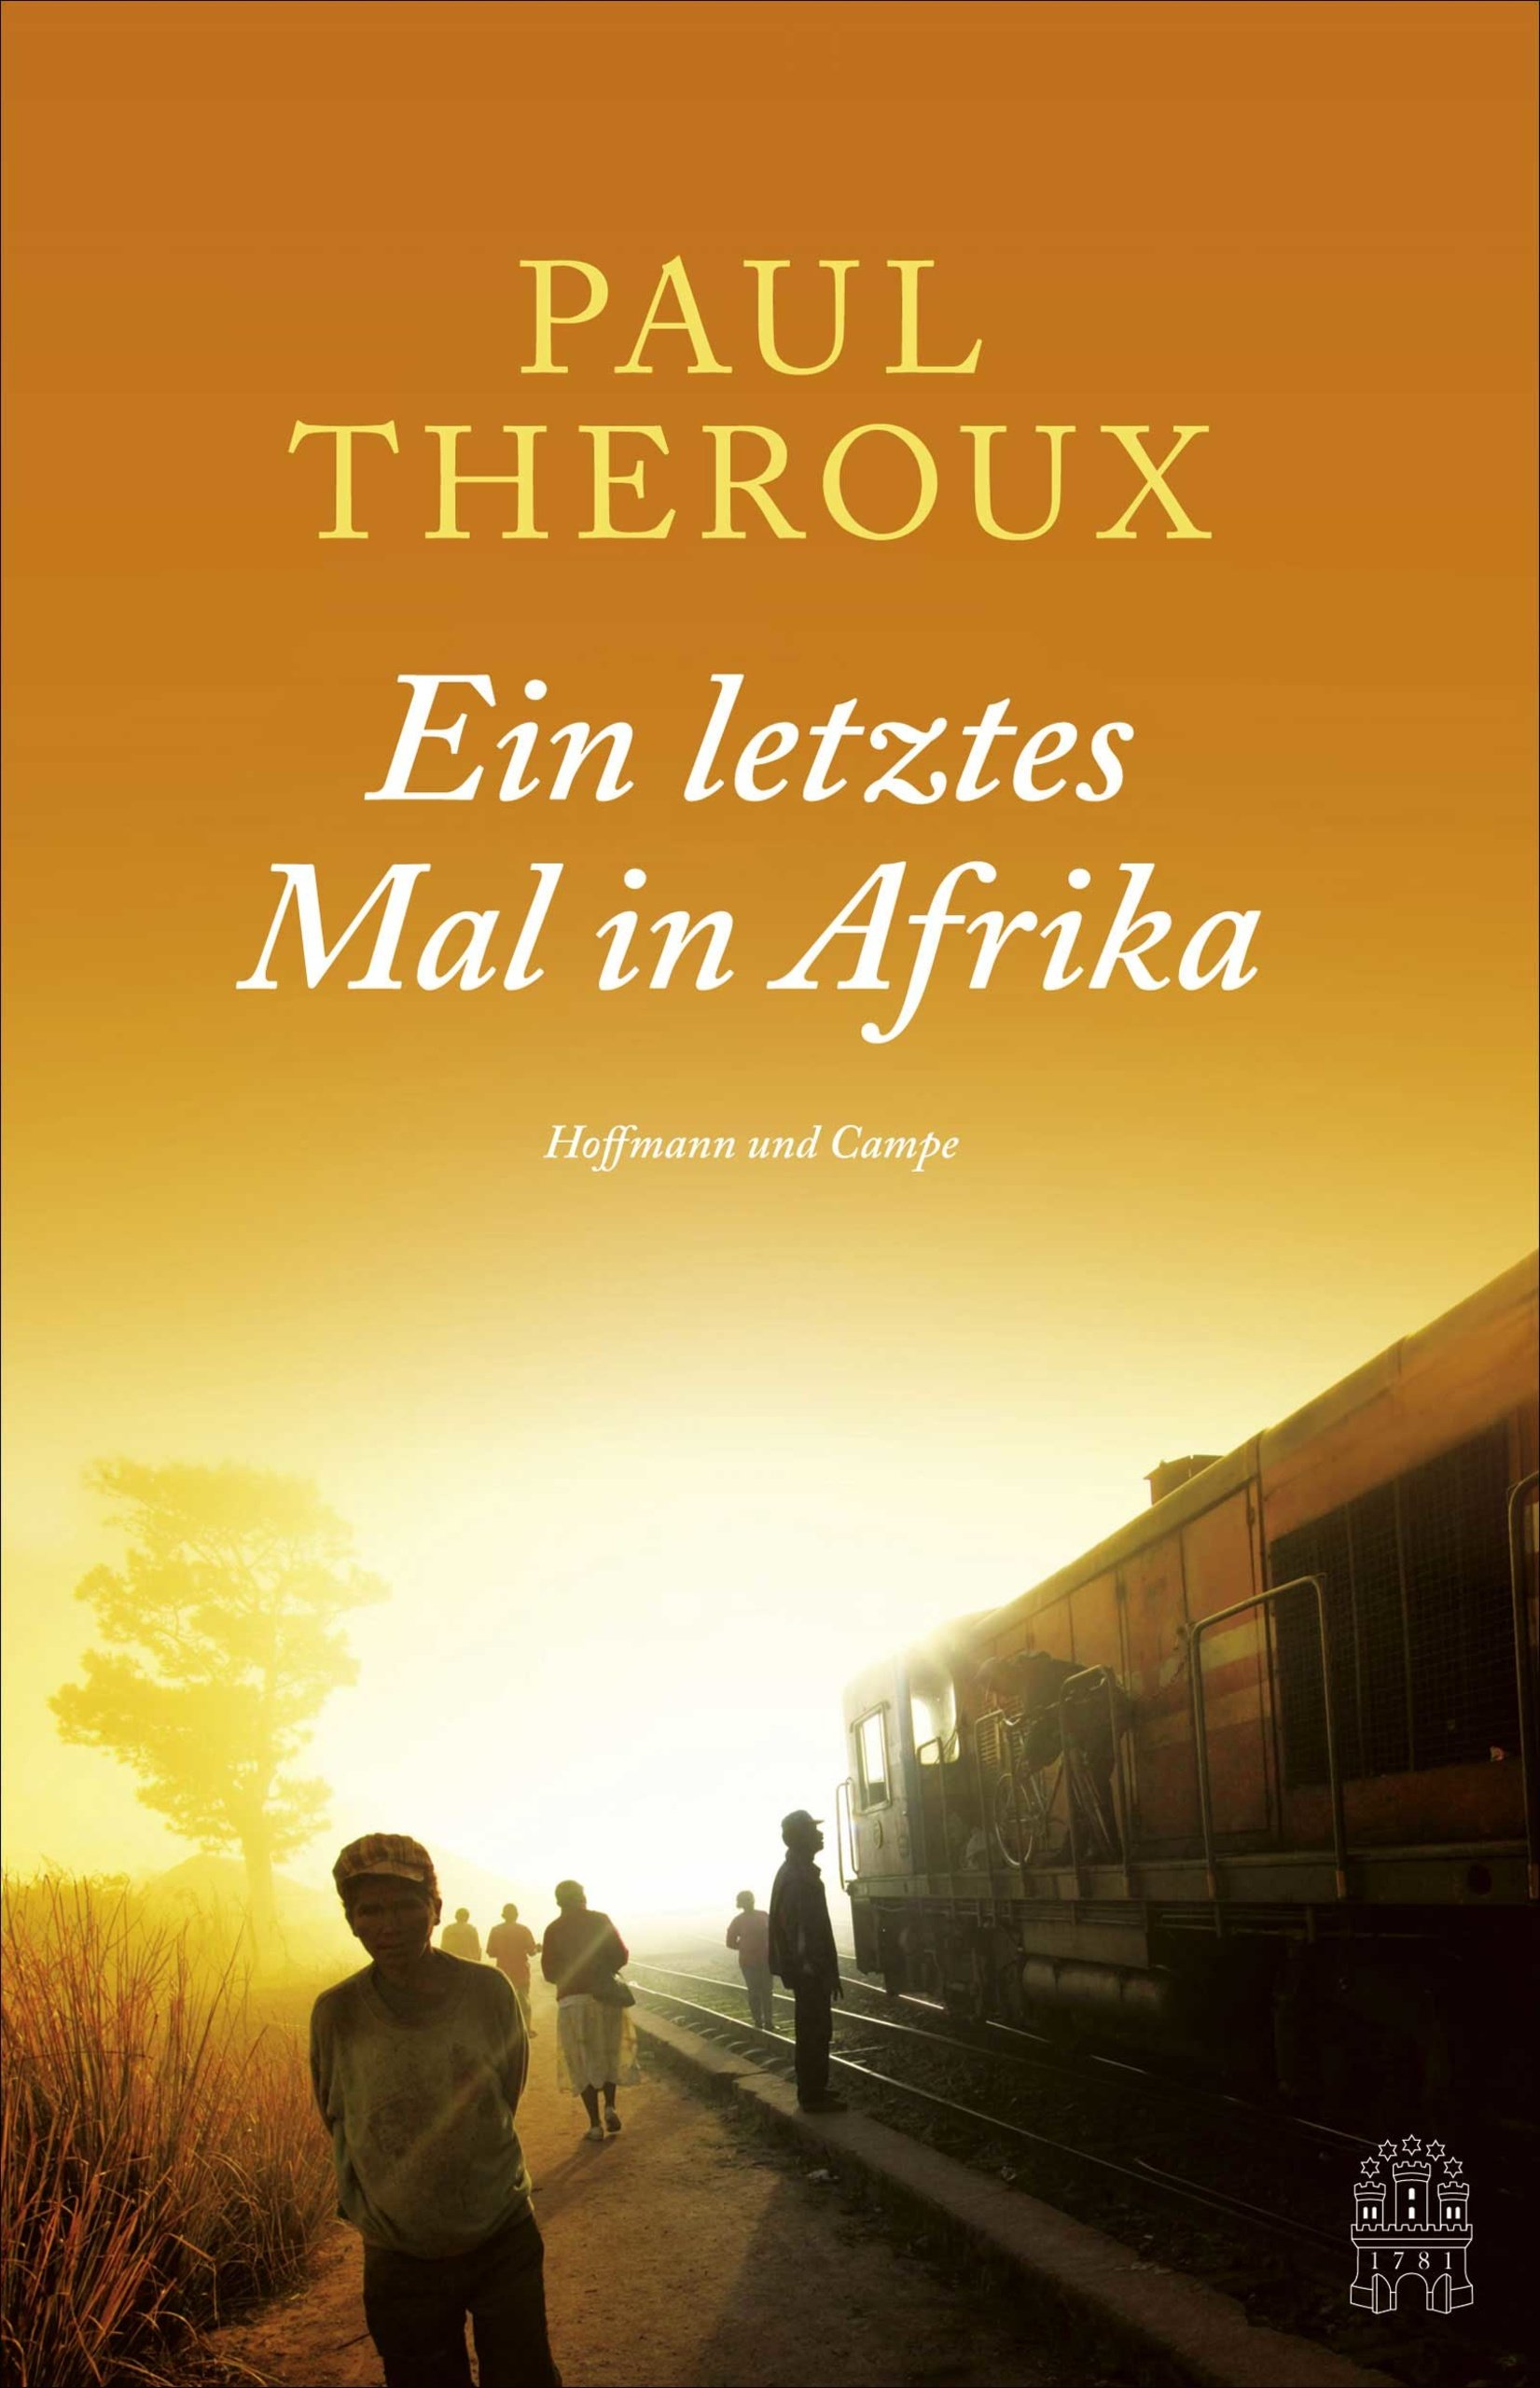 Ein letztes Mal in Afrika